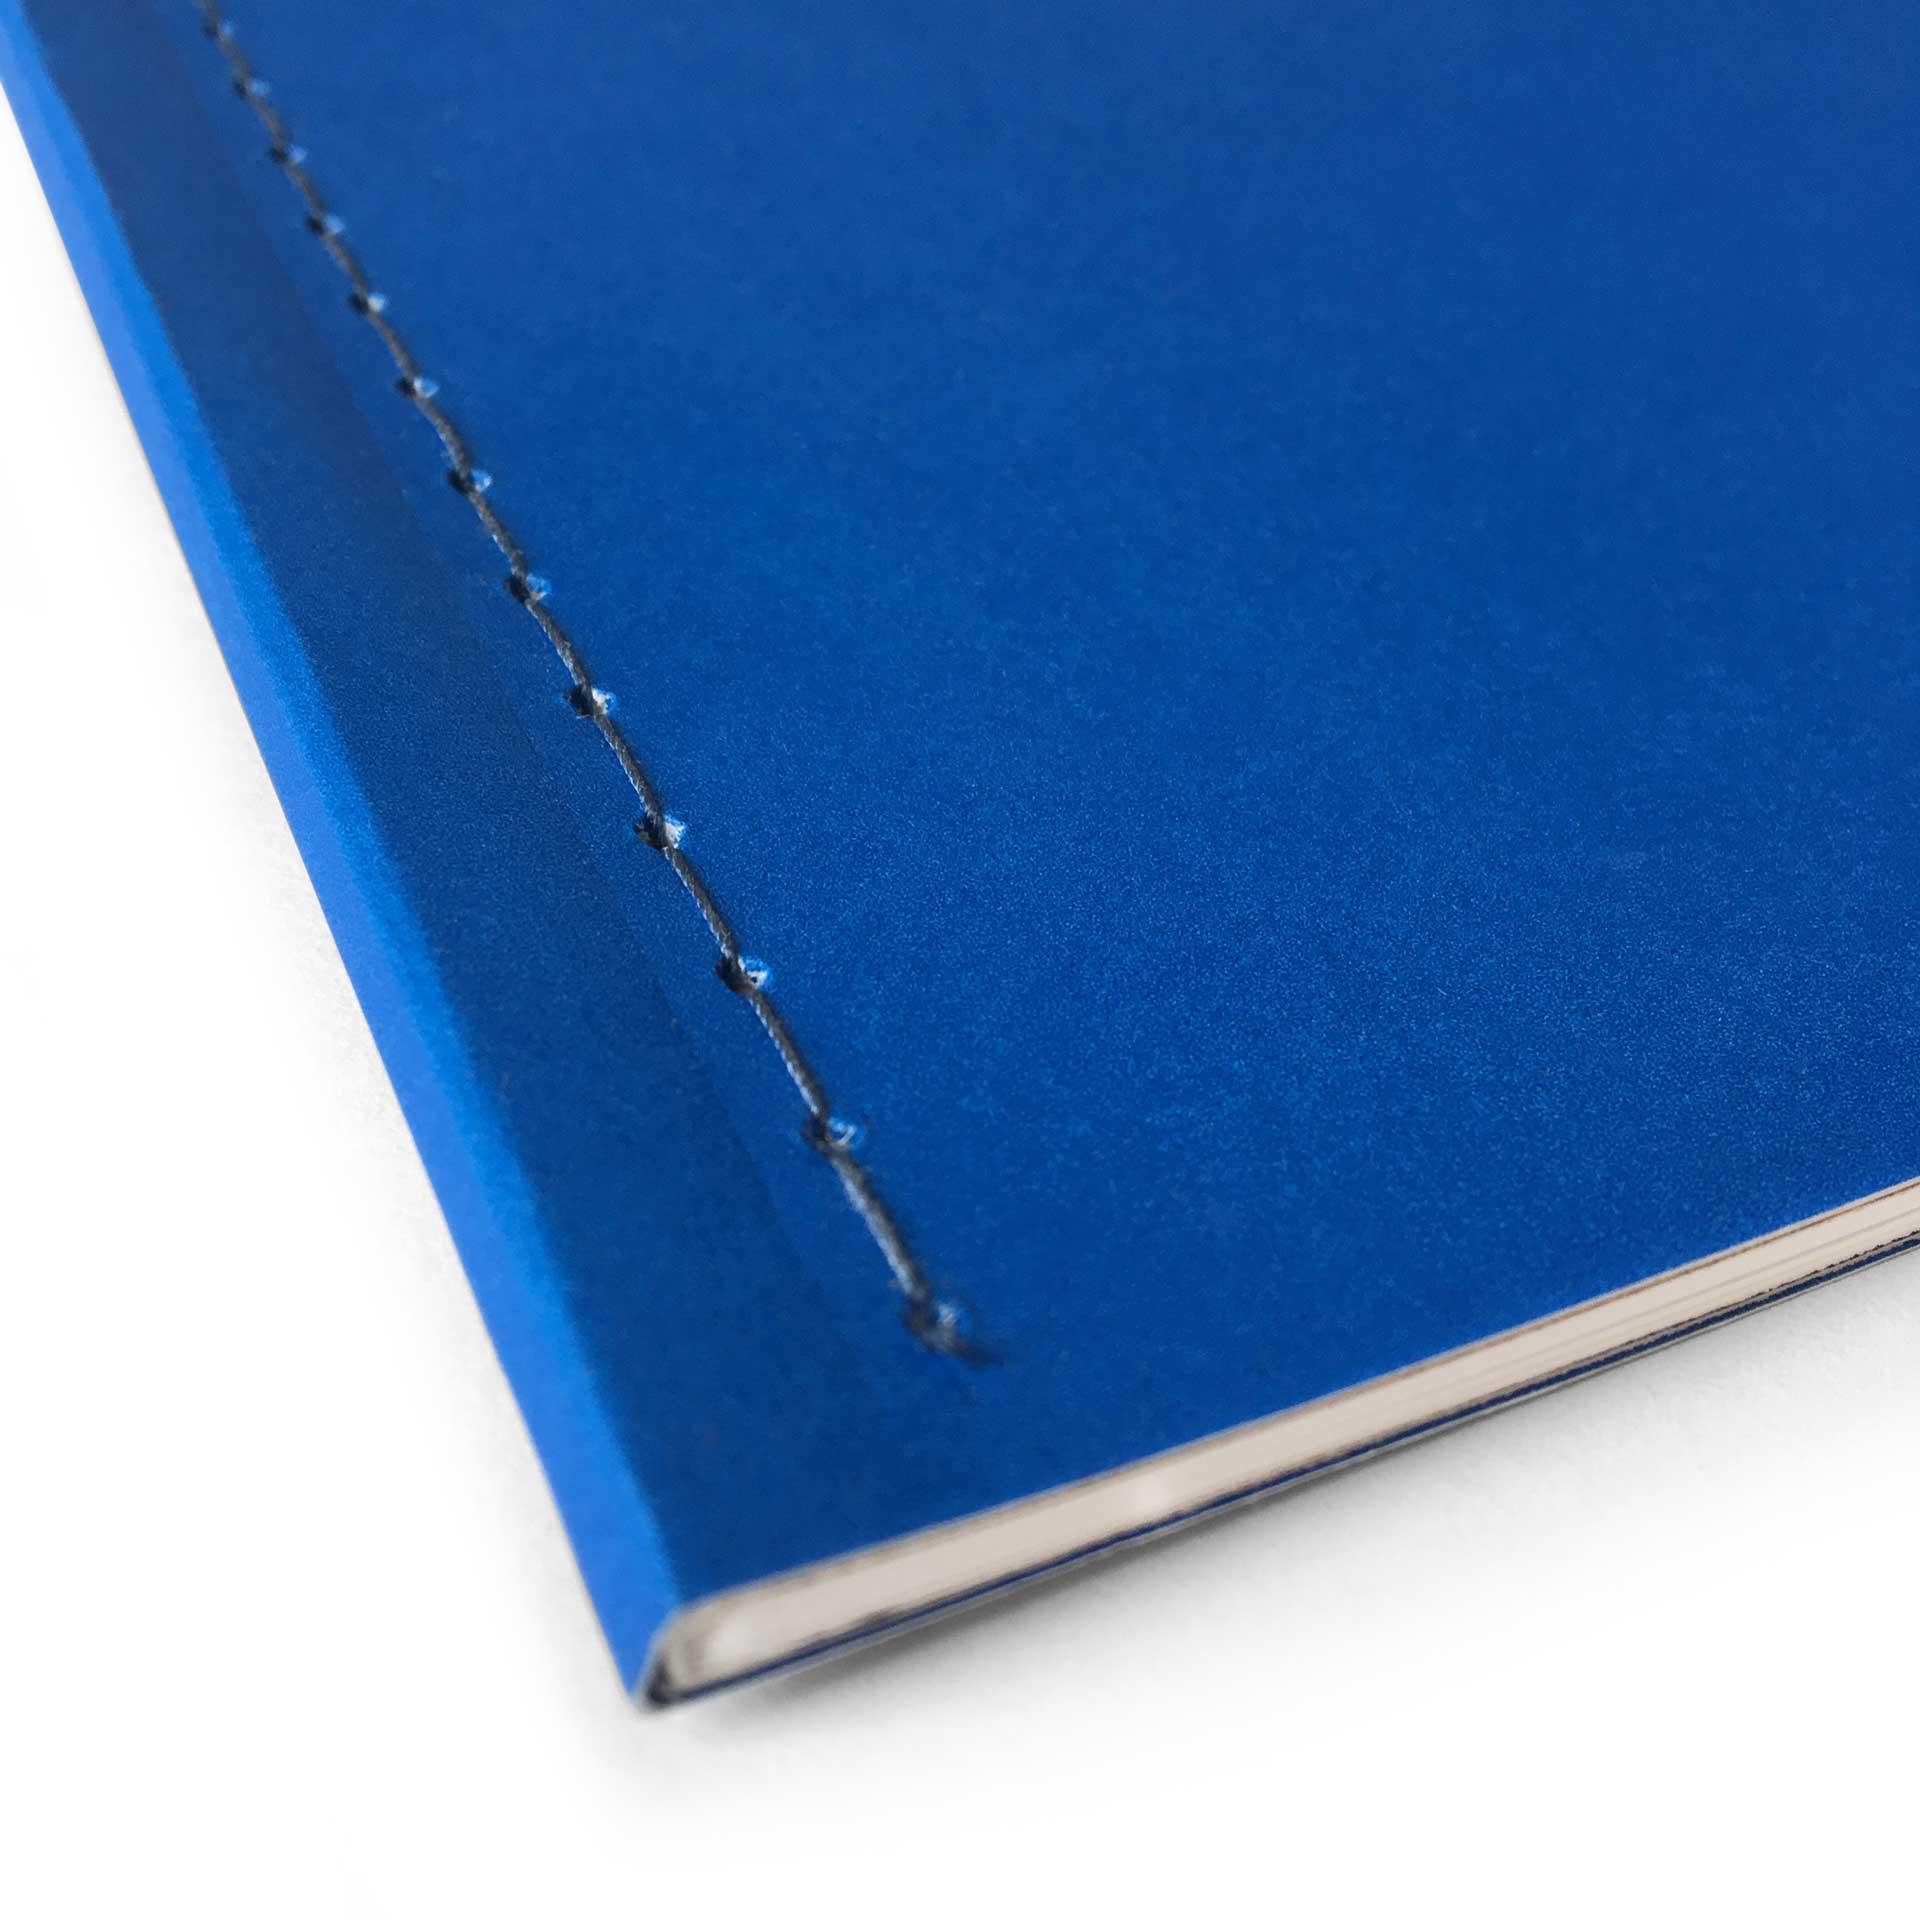 close up of Walper Hotel book cover stitching